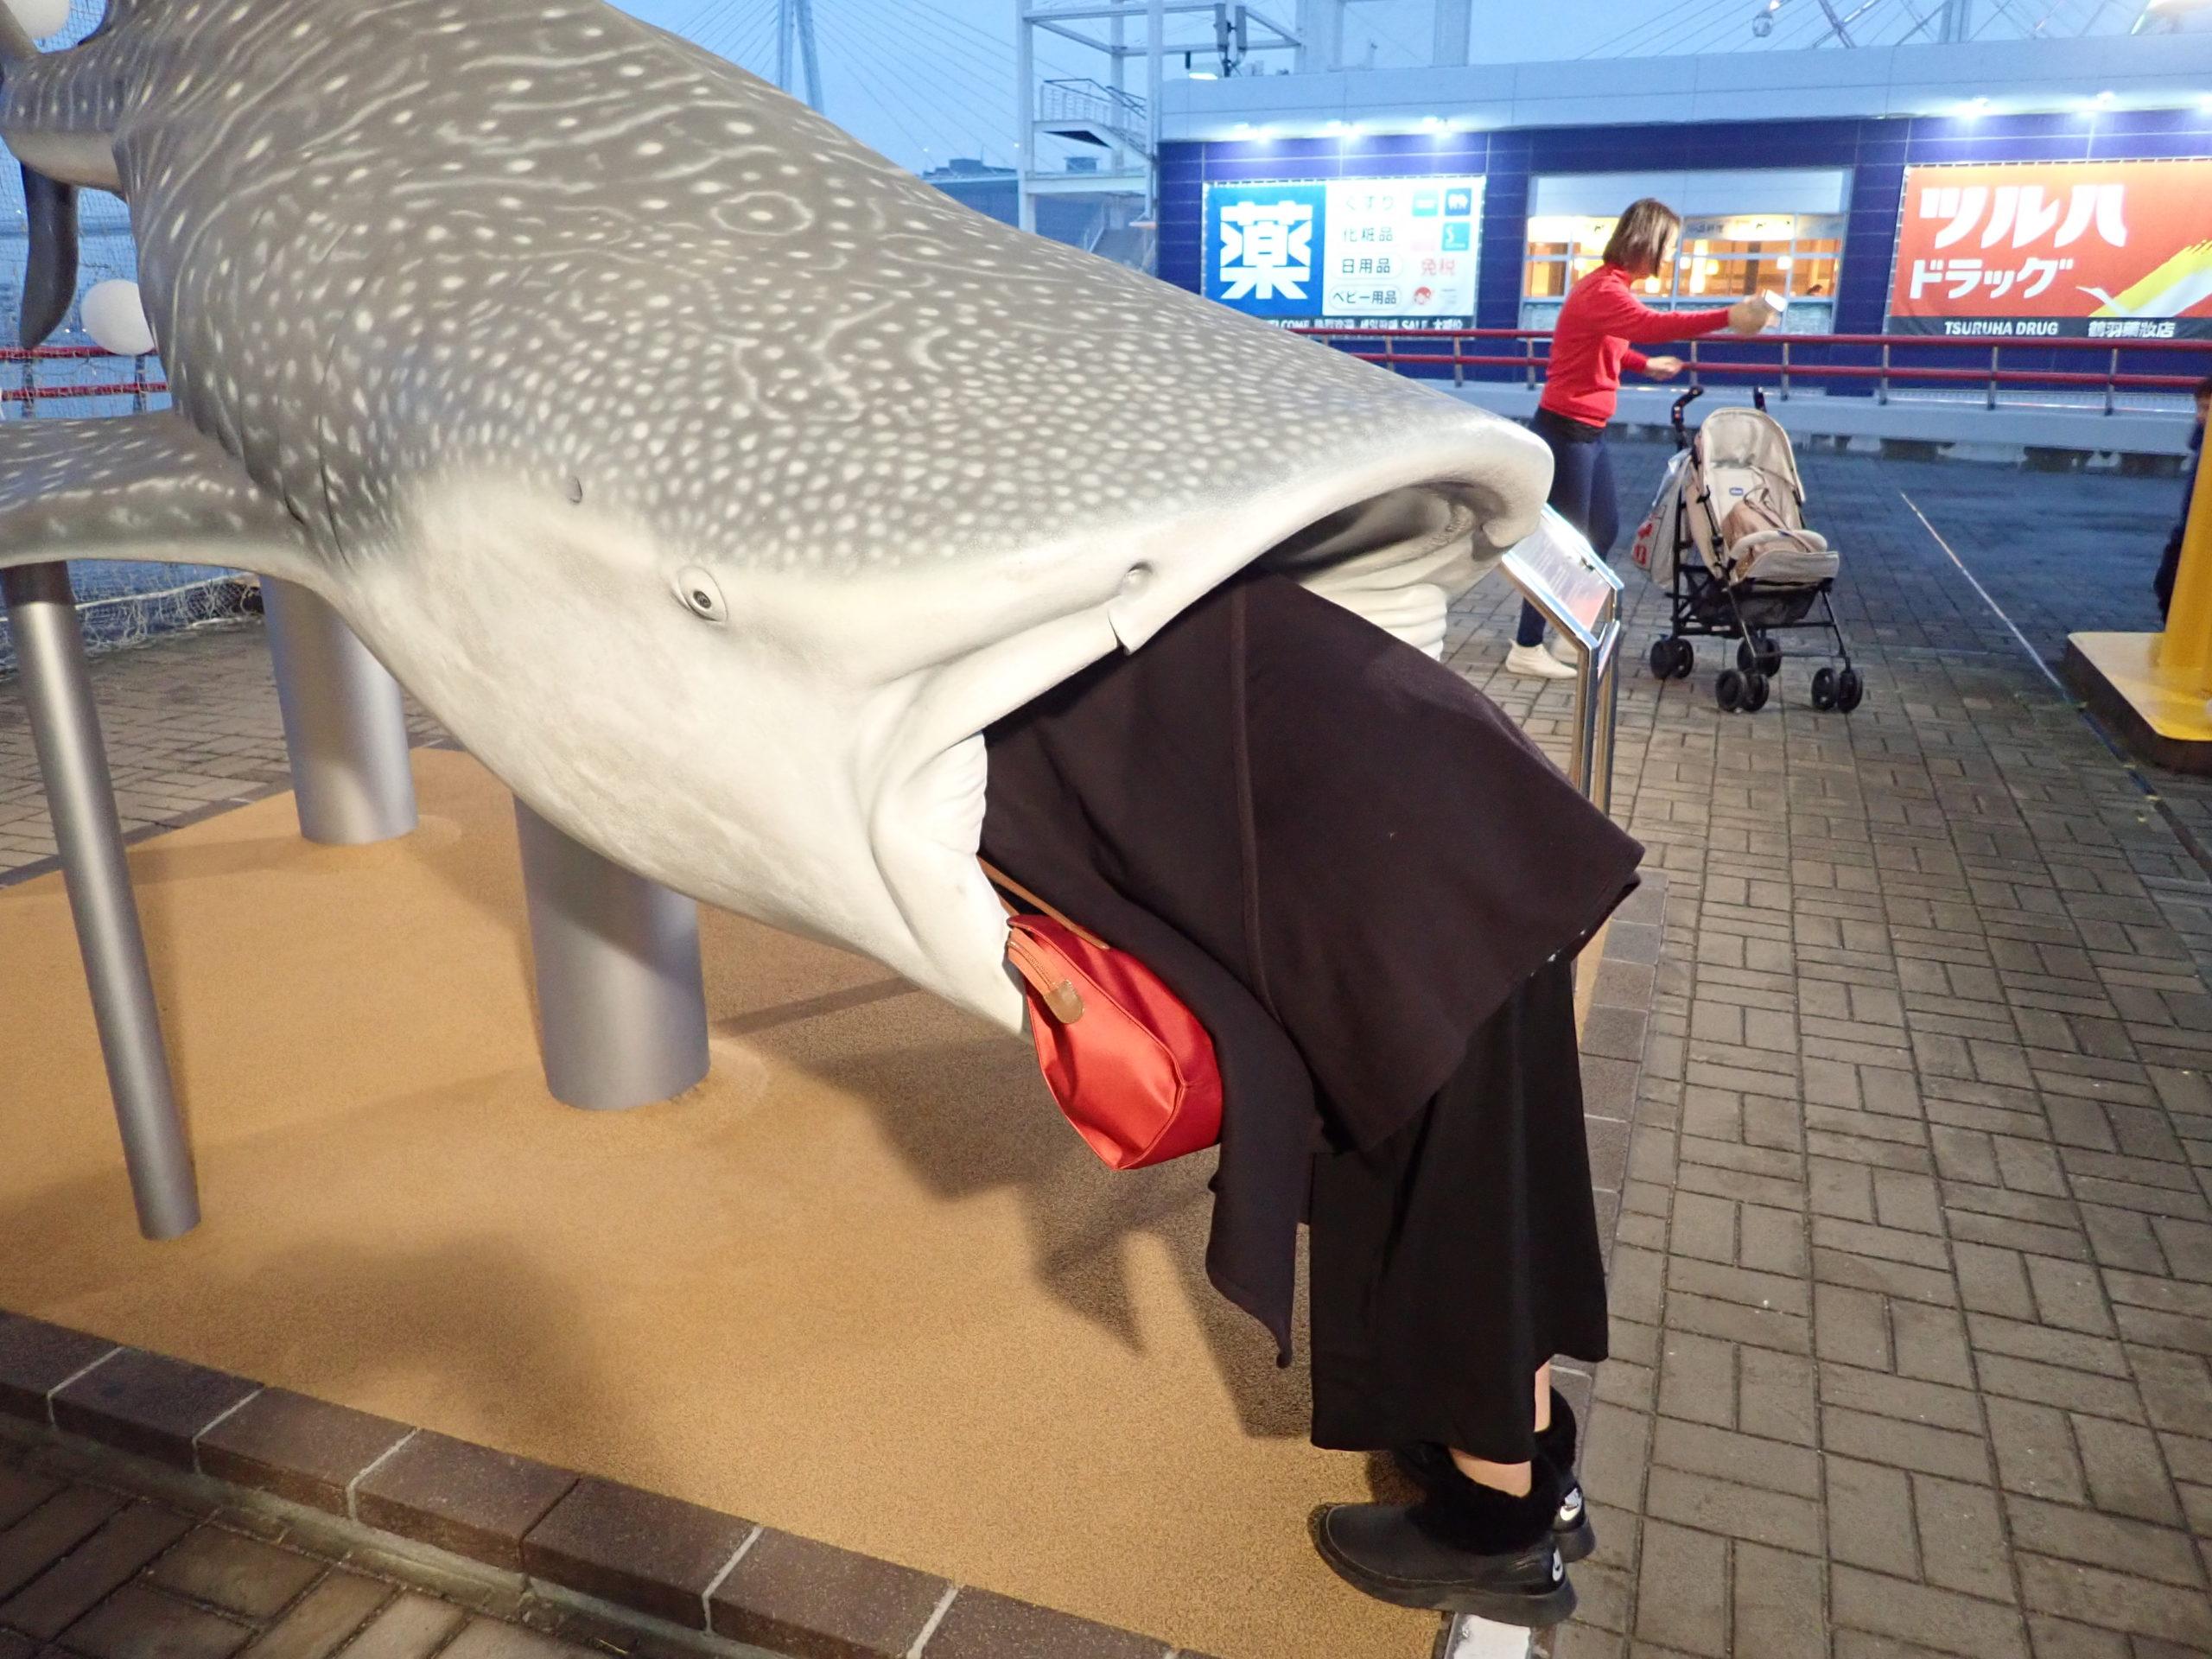 海遊館にあるジンベエザメの模型